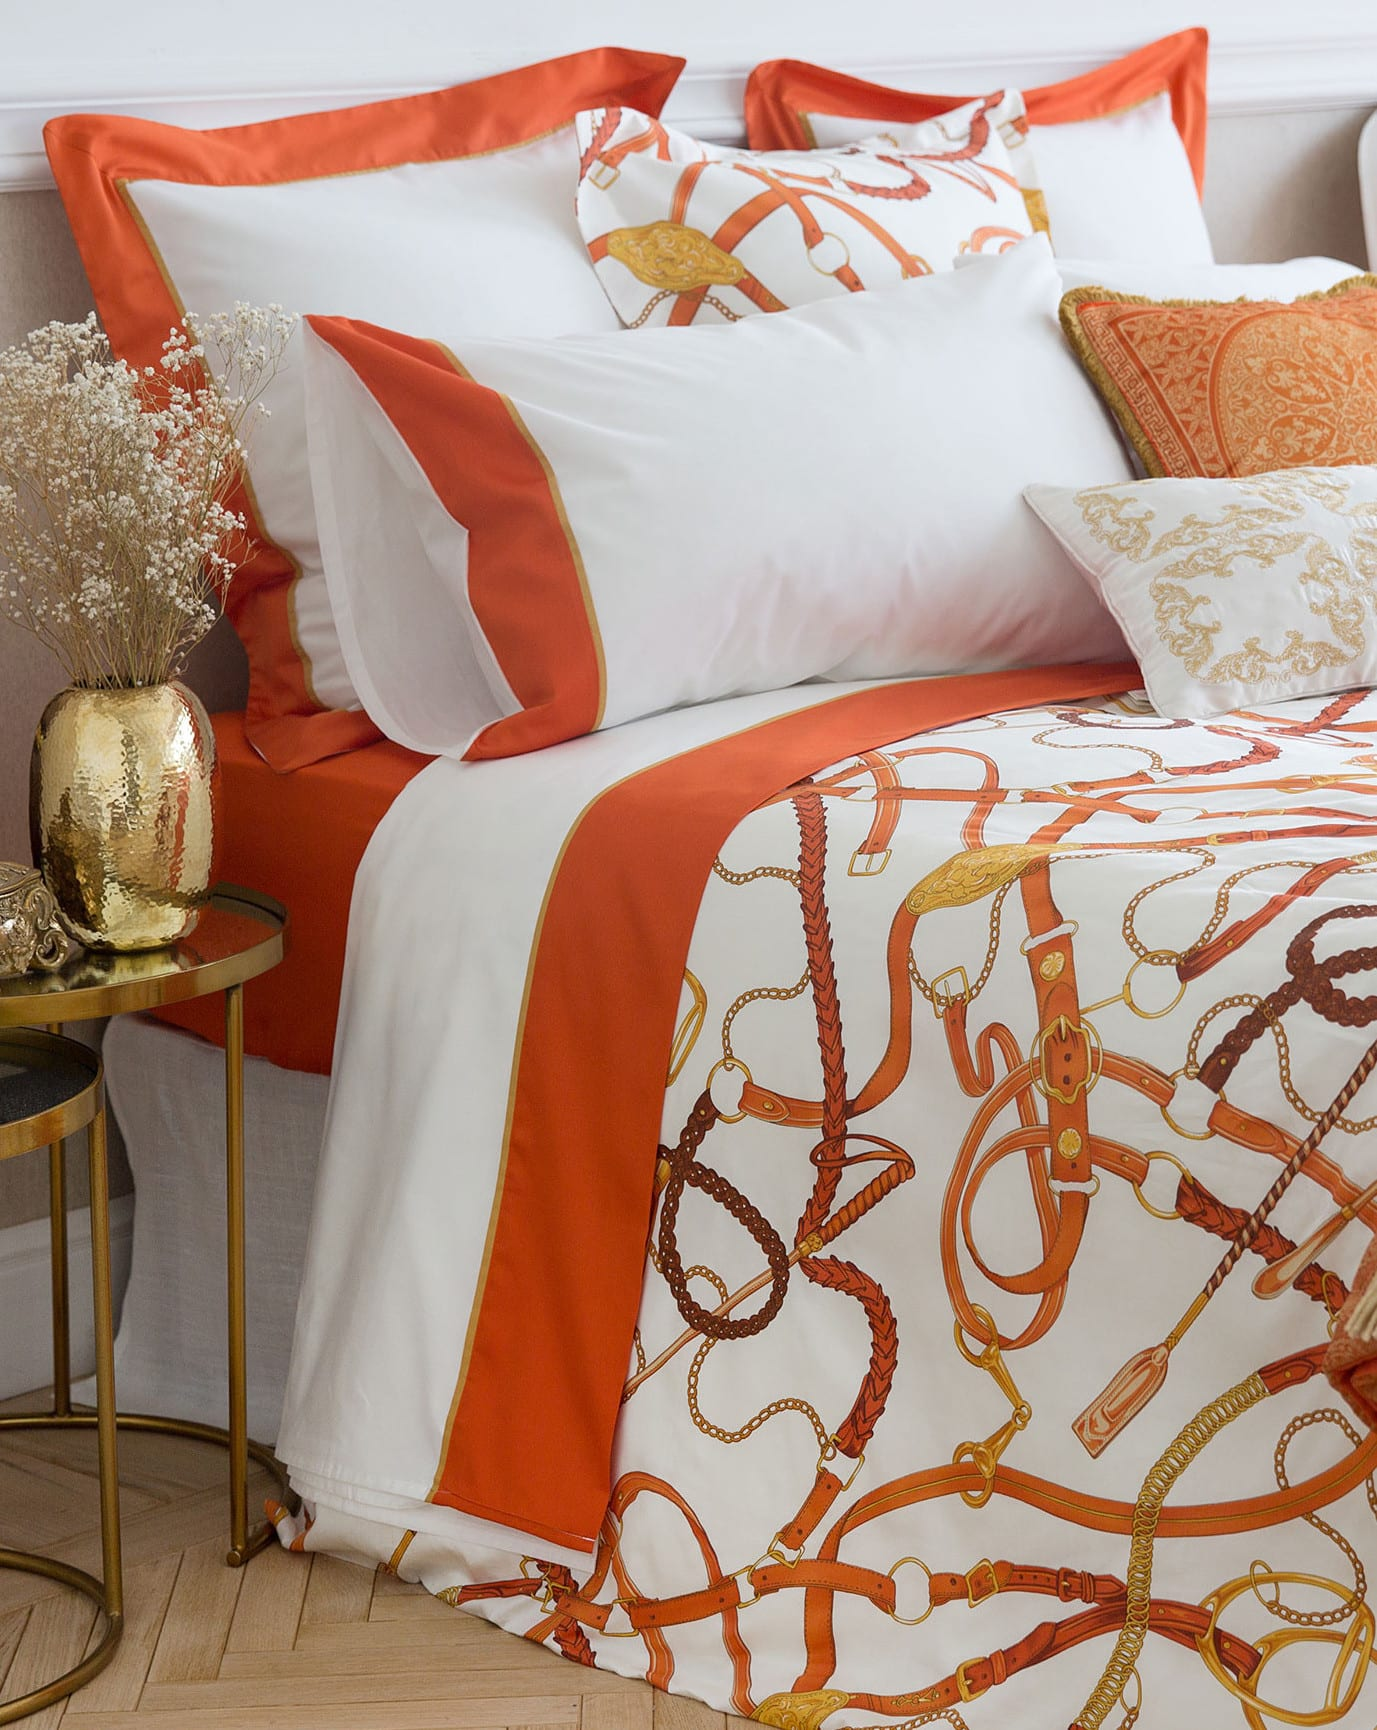 Schon Zara Home Schlafzimmer Ideen Mit Moderner Zara Bettwäsche Weiß Und Orange